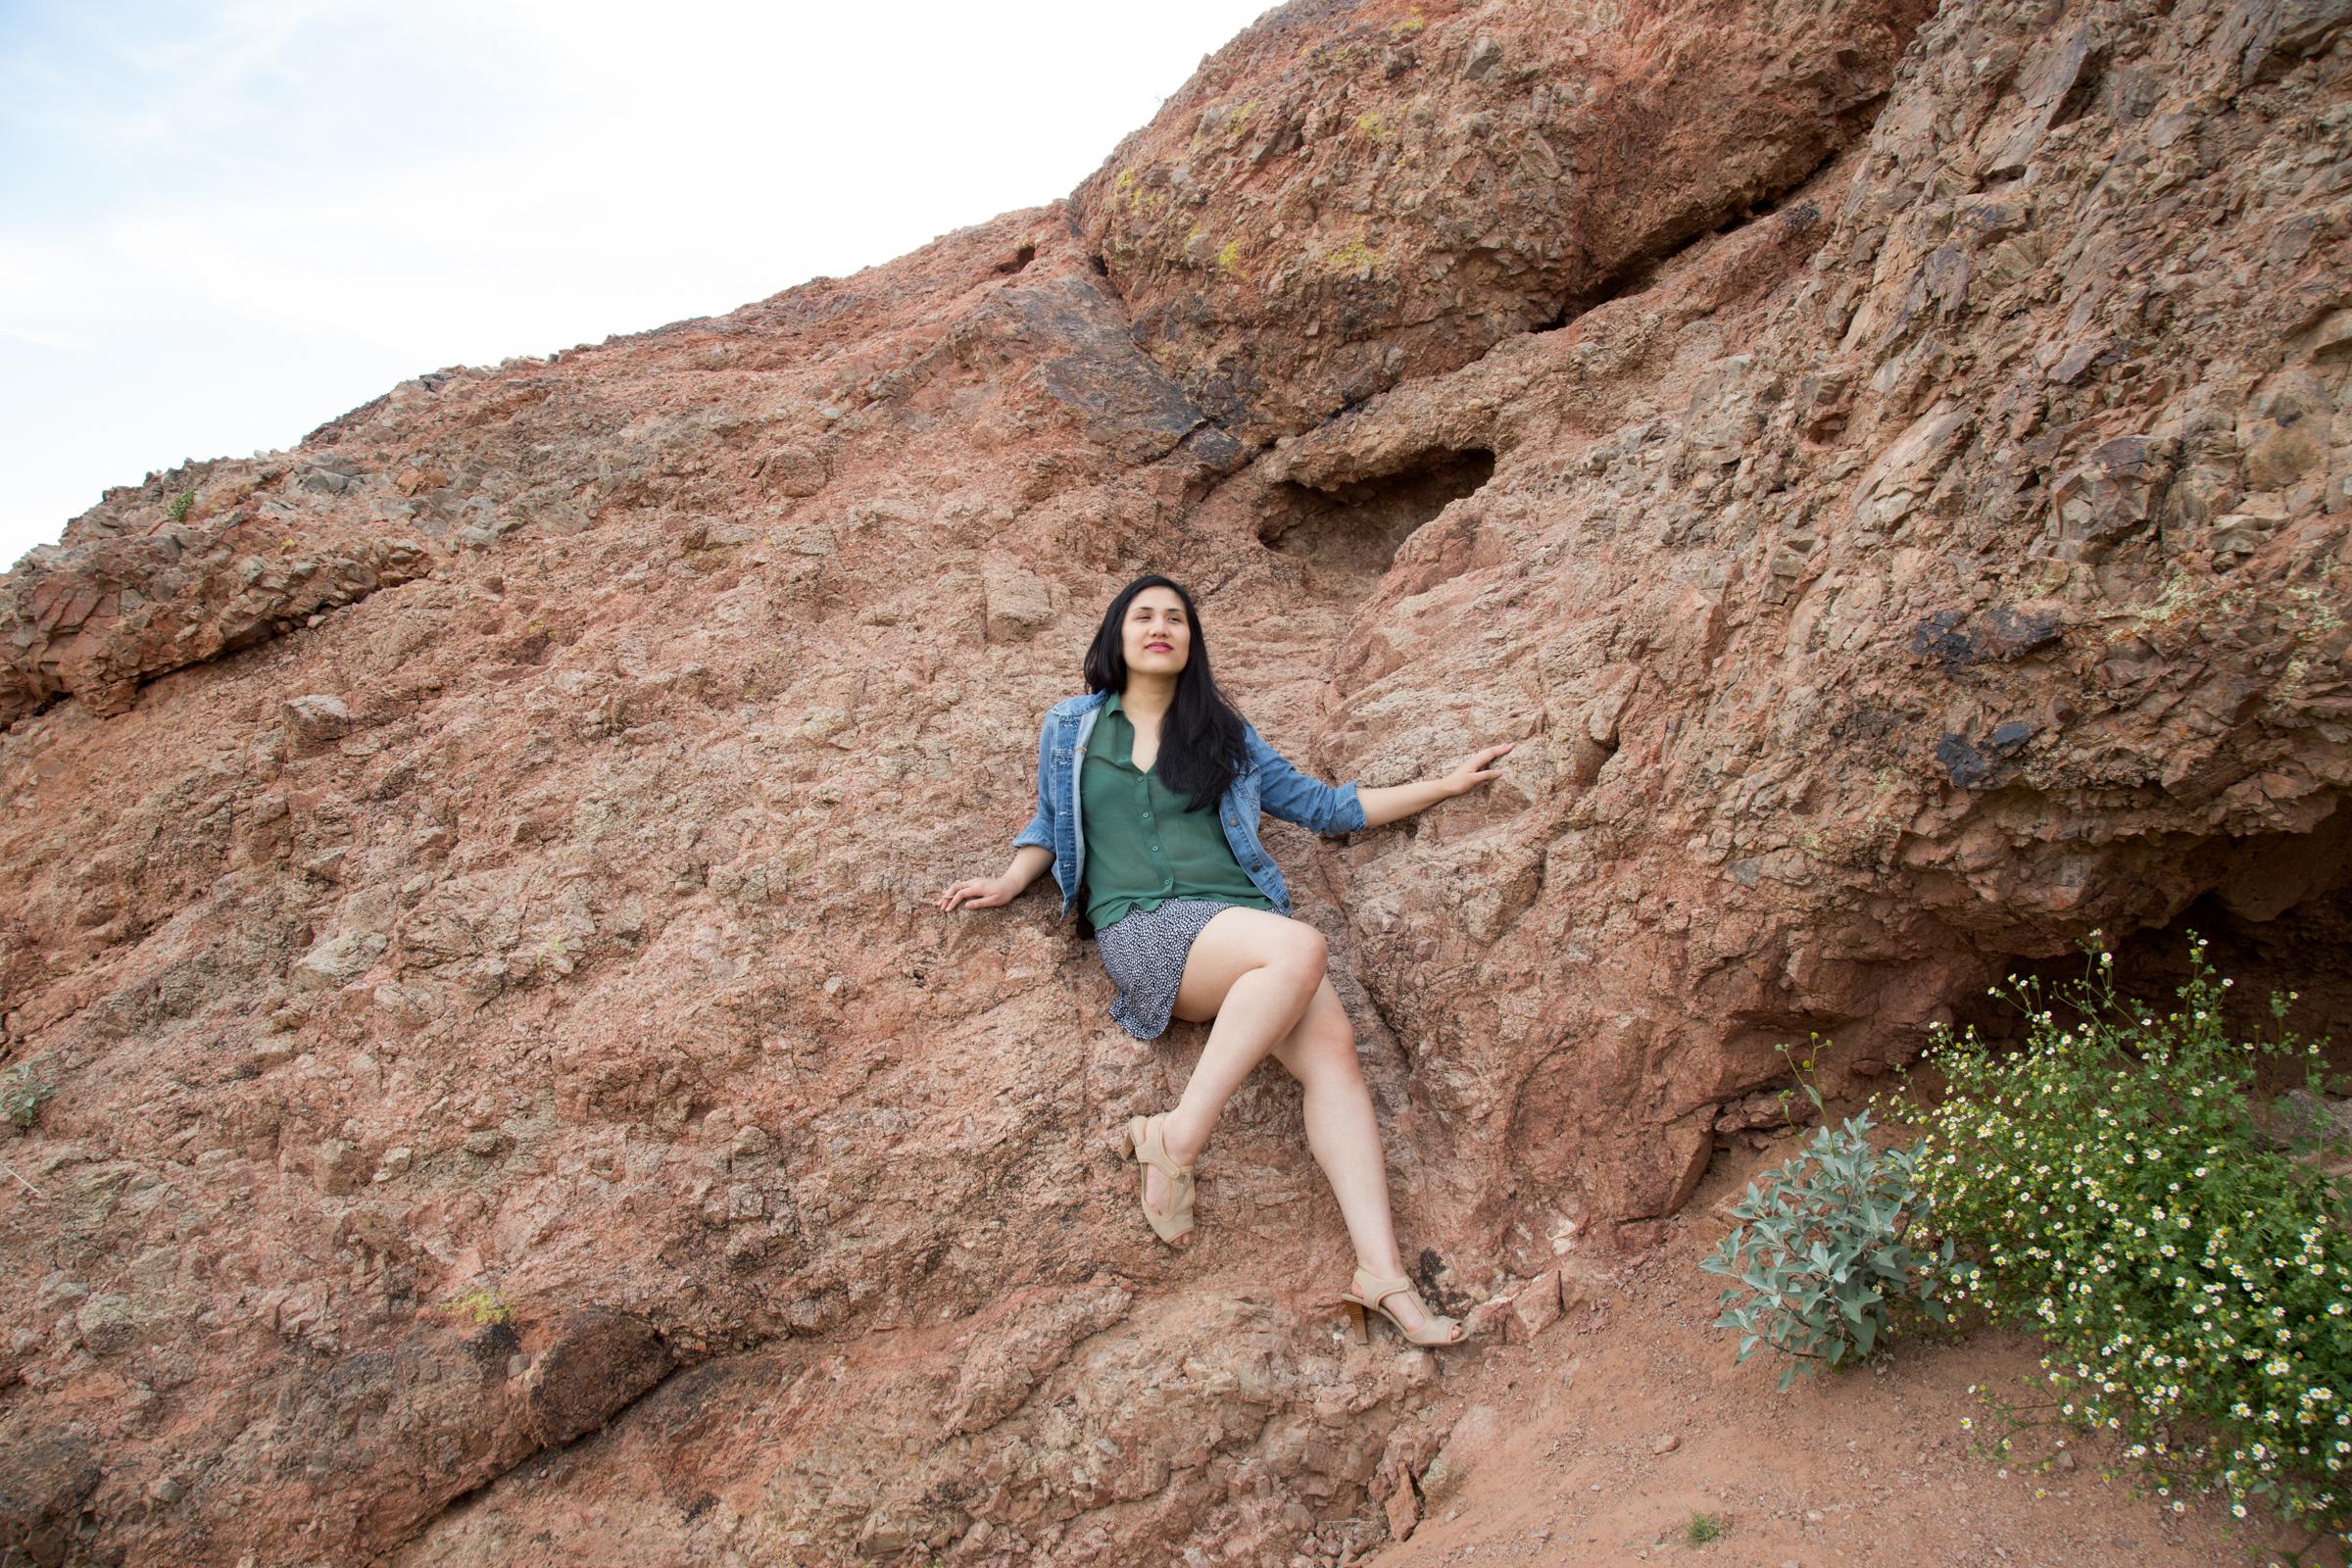 BadassWomenPhotosJackieBernardo2019-13.jpg